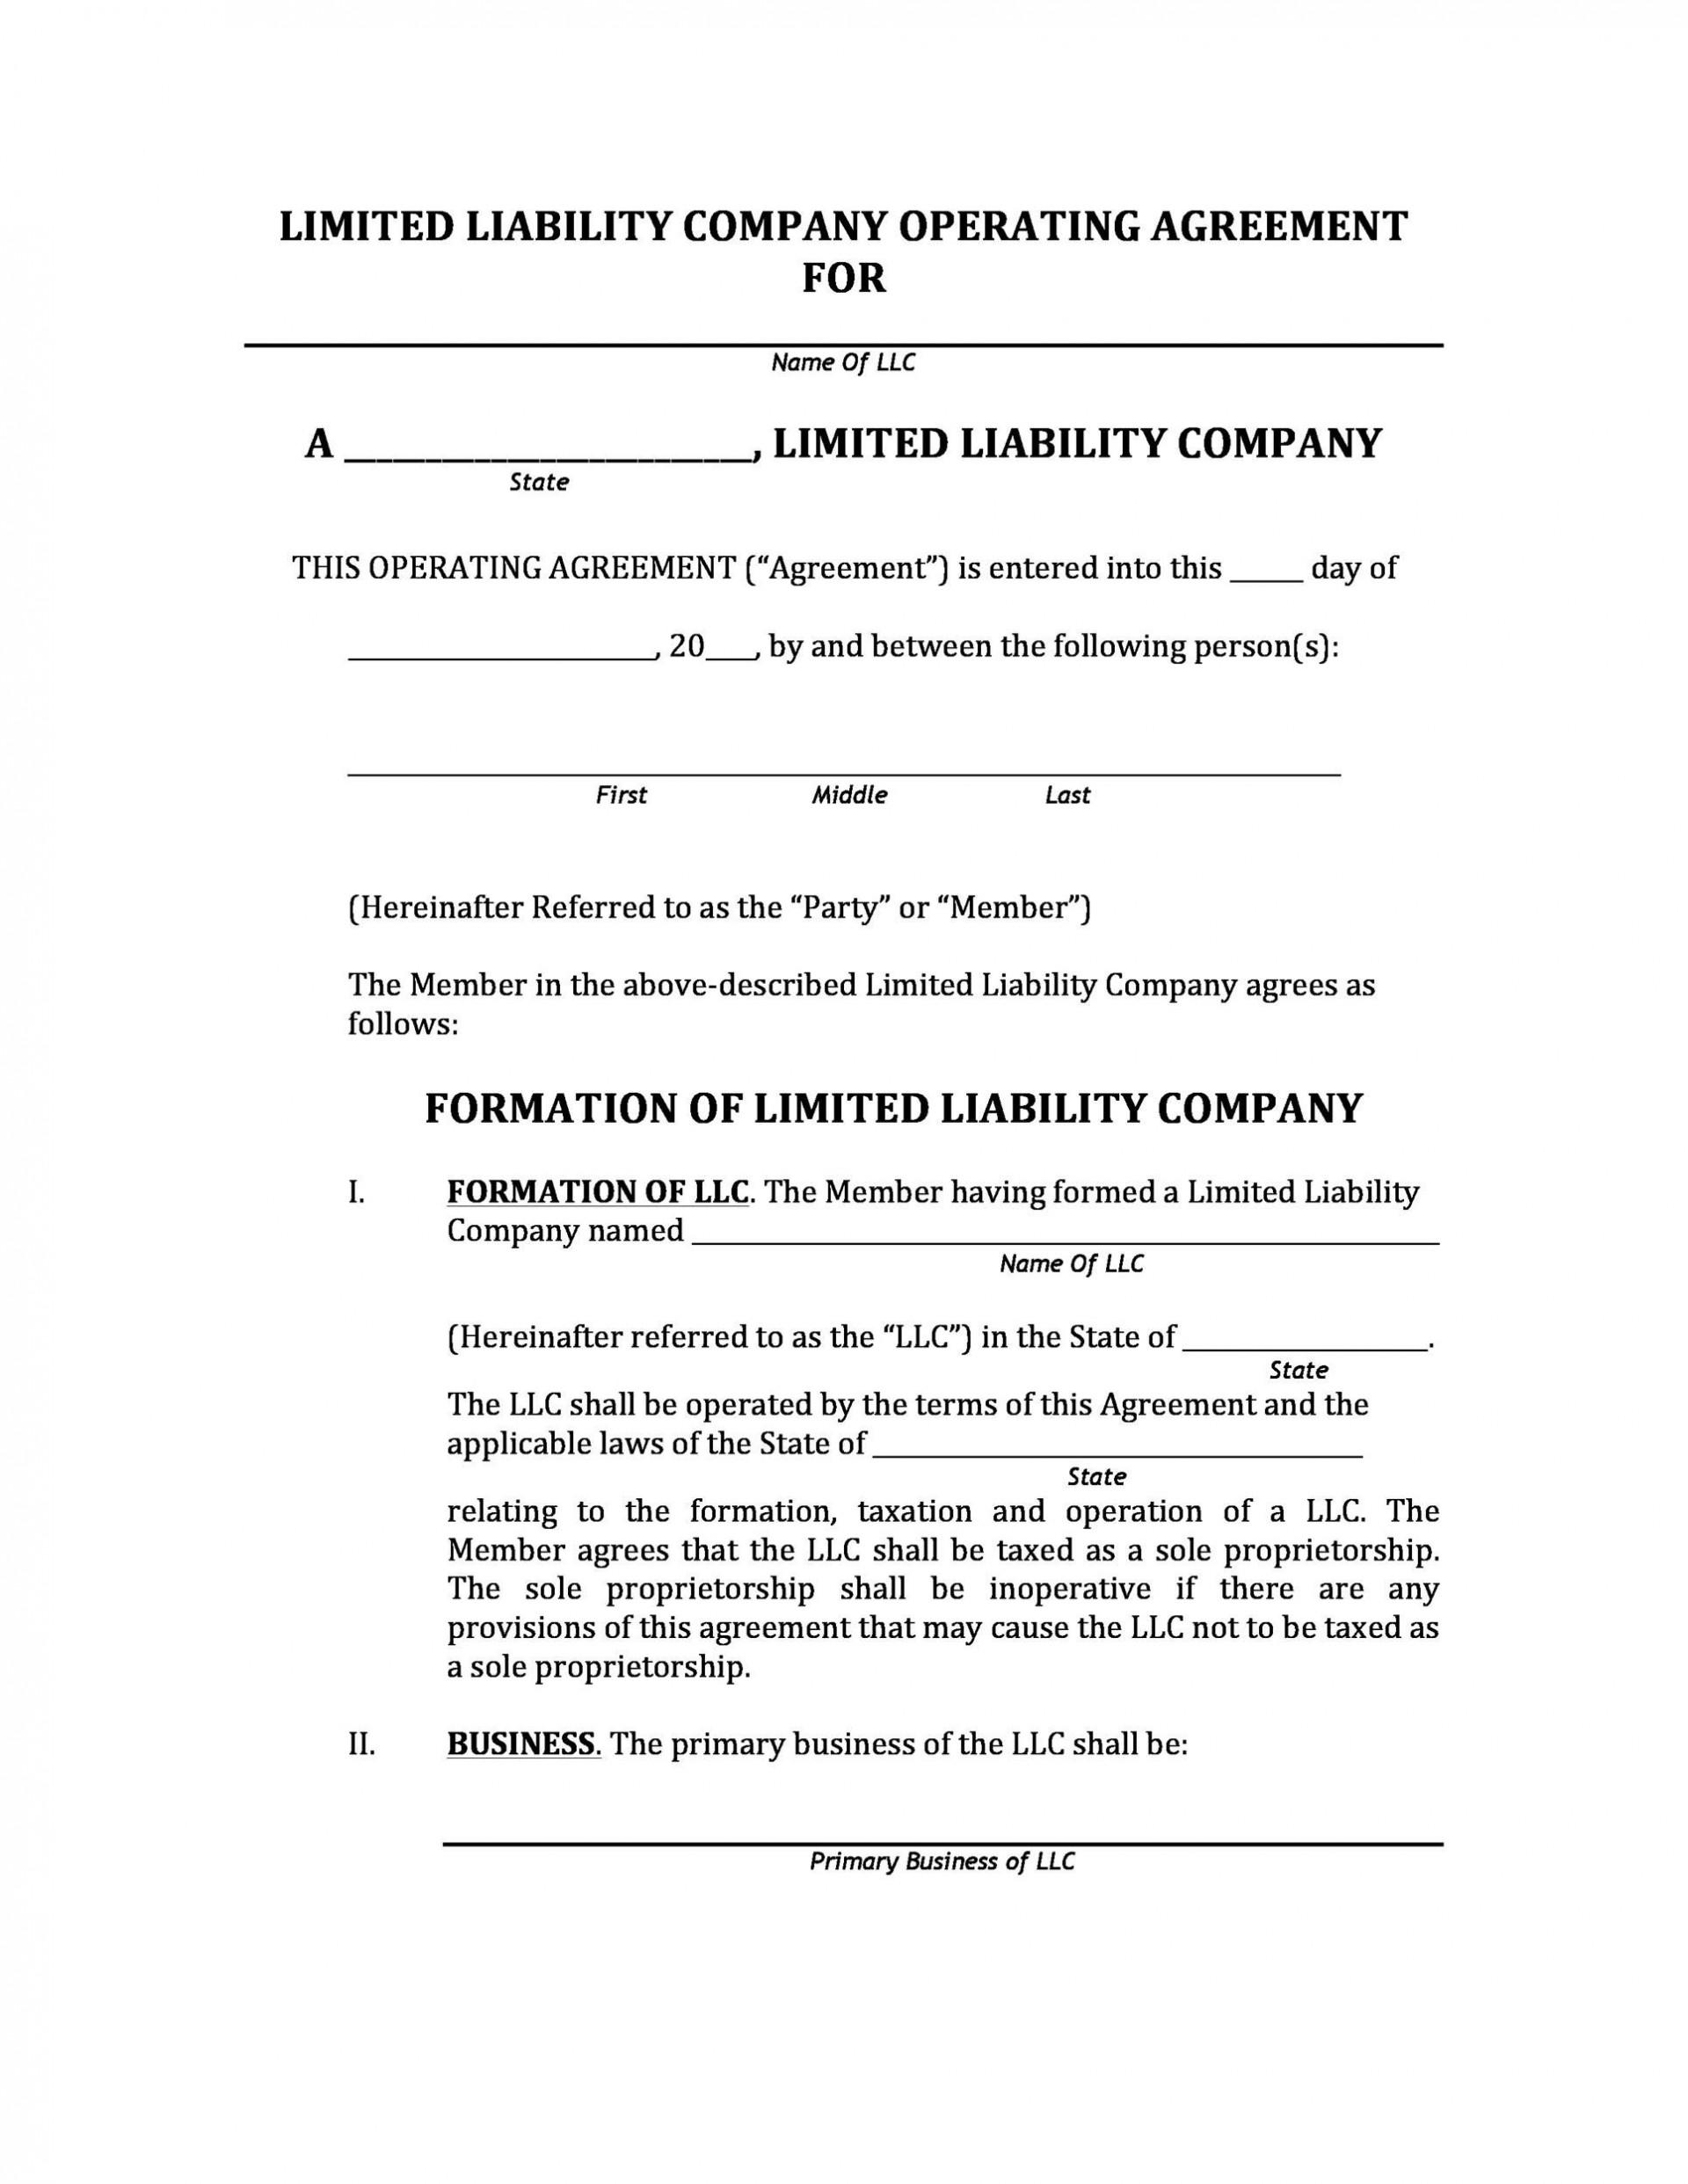 006 Beautiful Llc Operating Agreement Template Free Sample  Single Member Pdf Simple Download1920